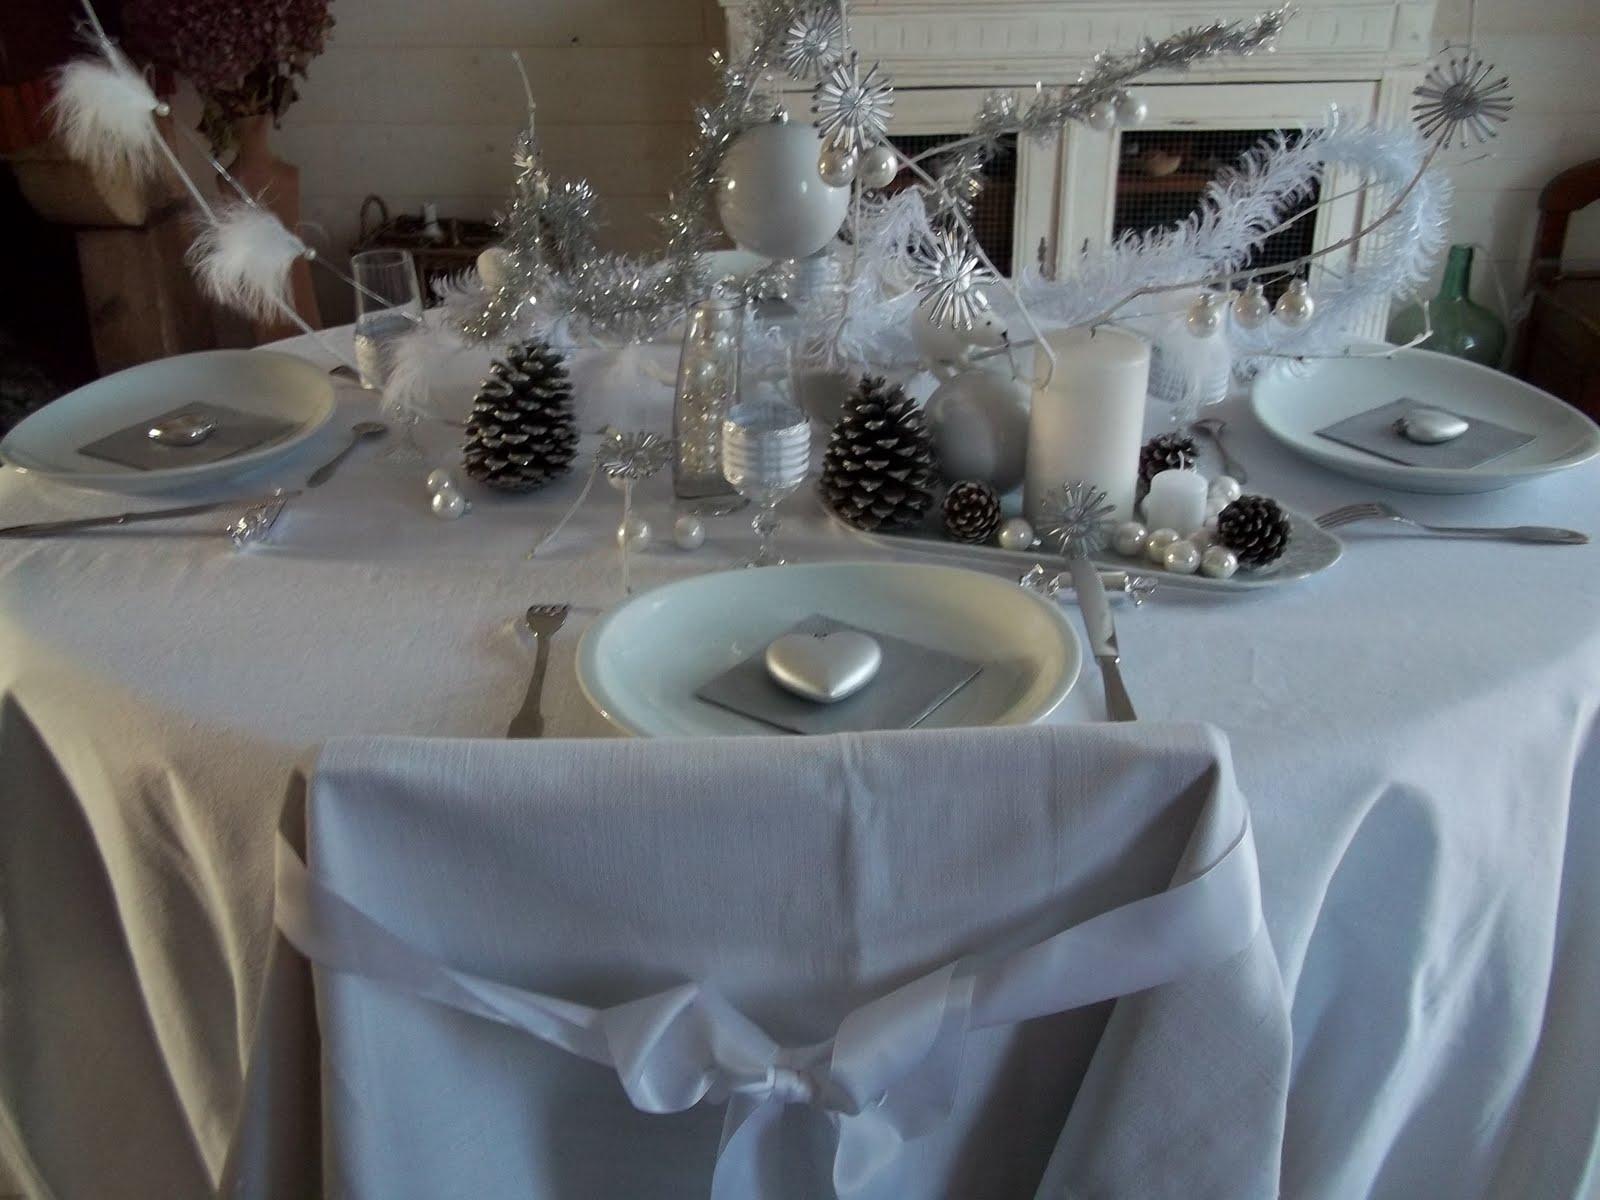 #526779 Lylou.Anne Collection: Défi Noël Blanc Et Acte 1 6263 Decoration De Table Pour Noel Blanc Et Argent 1600x1200 px @ aertt.com